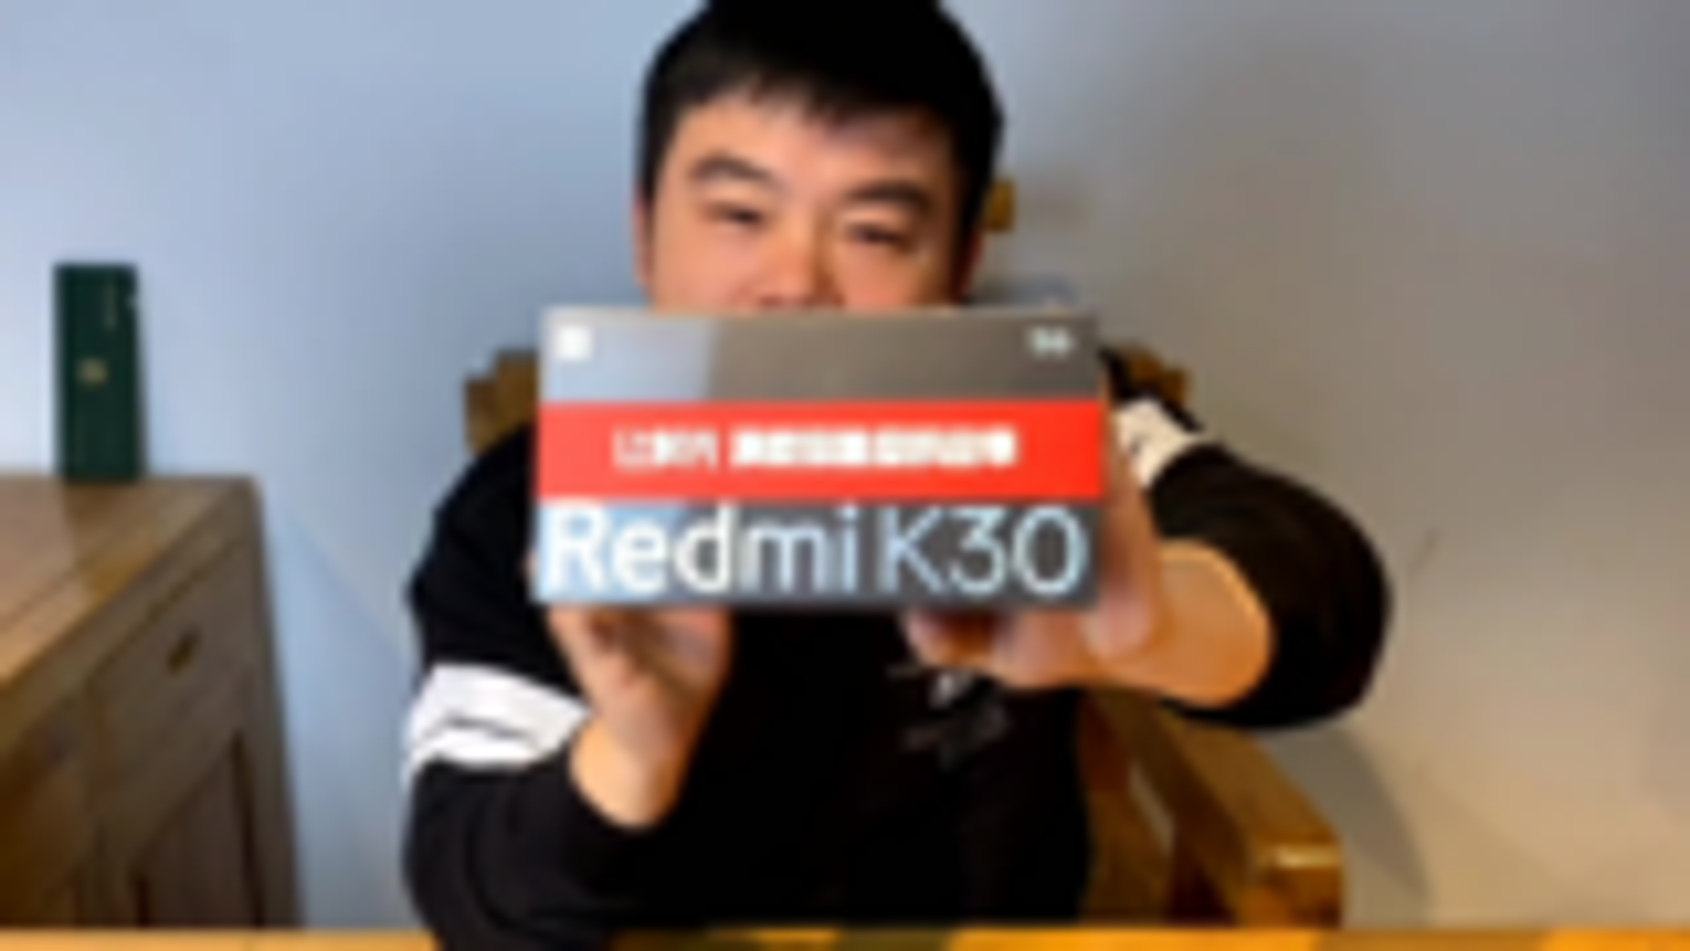 开箱,小米RedmiK30Pro,5G弹出式,真全面屏手机,2999真值吗?